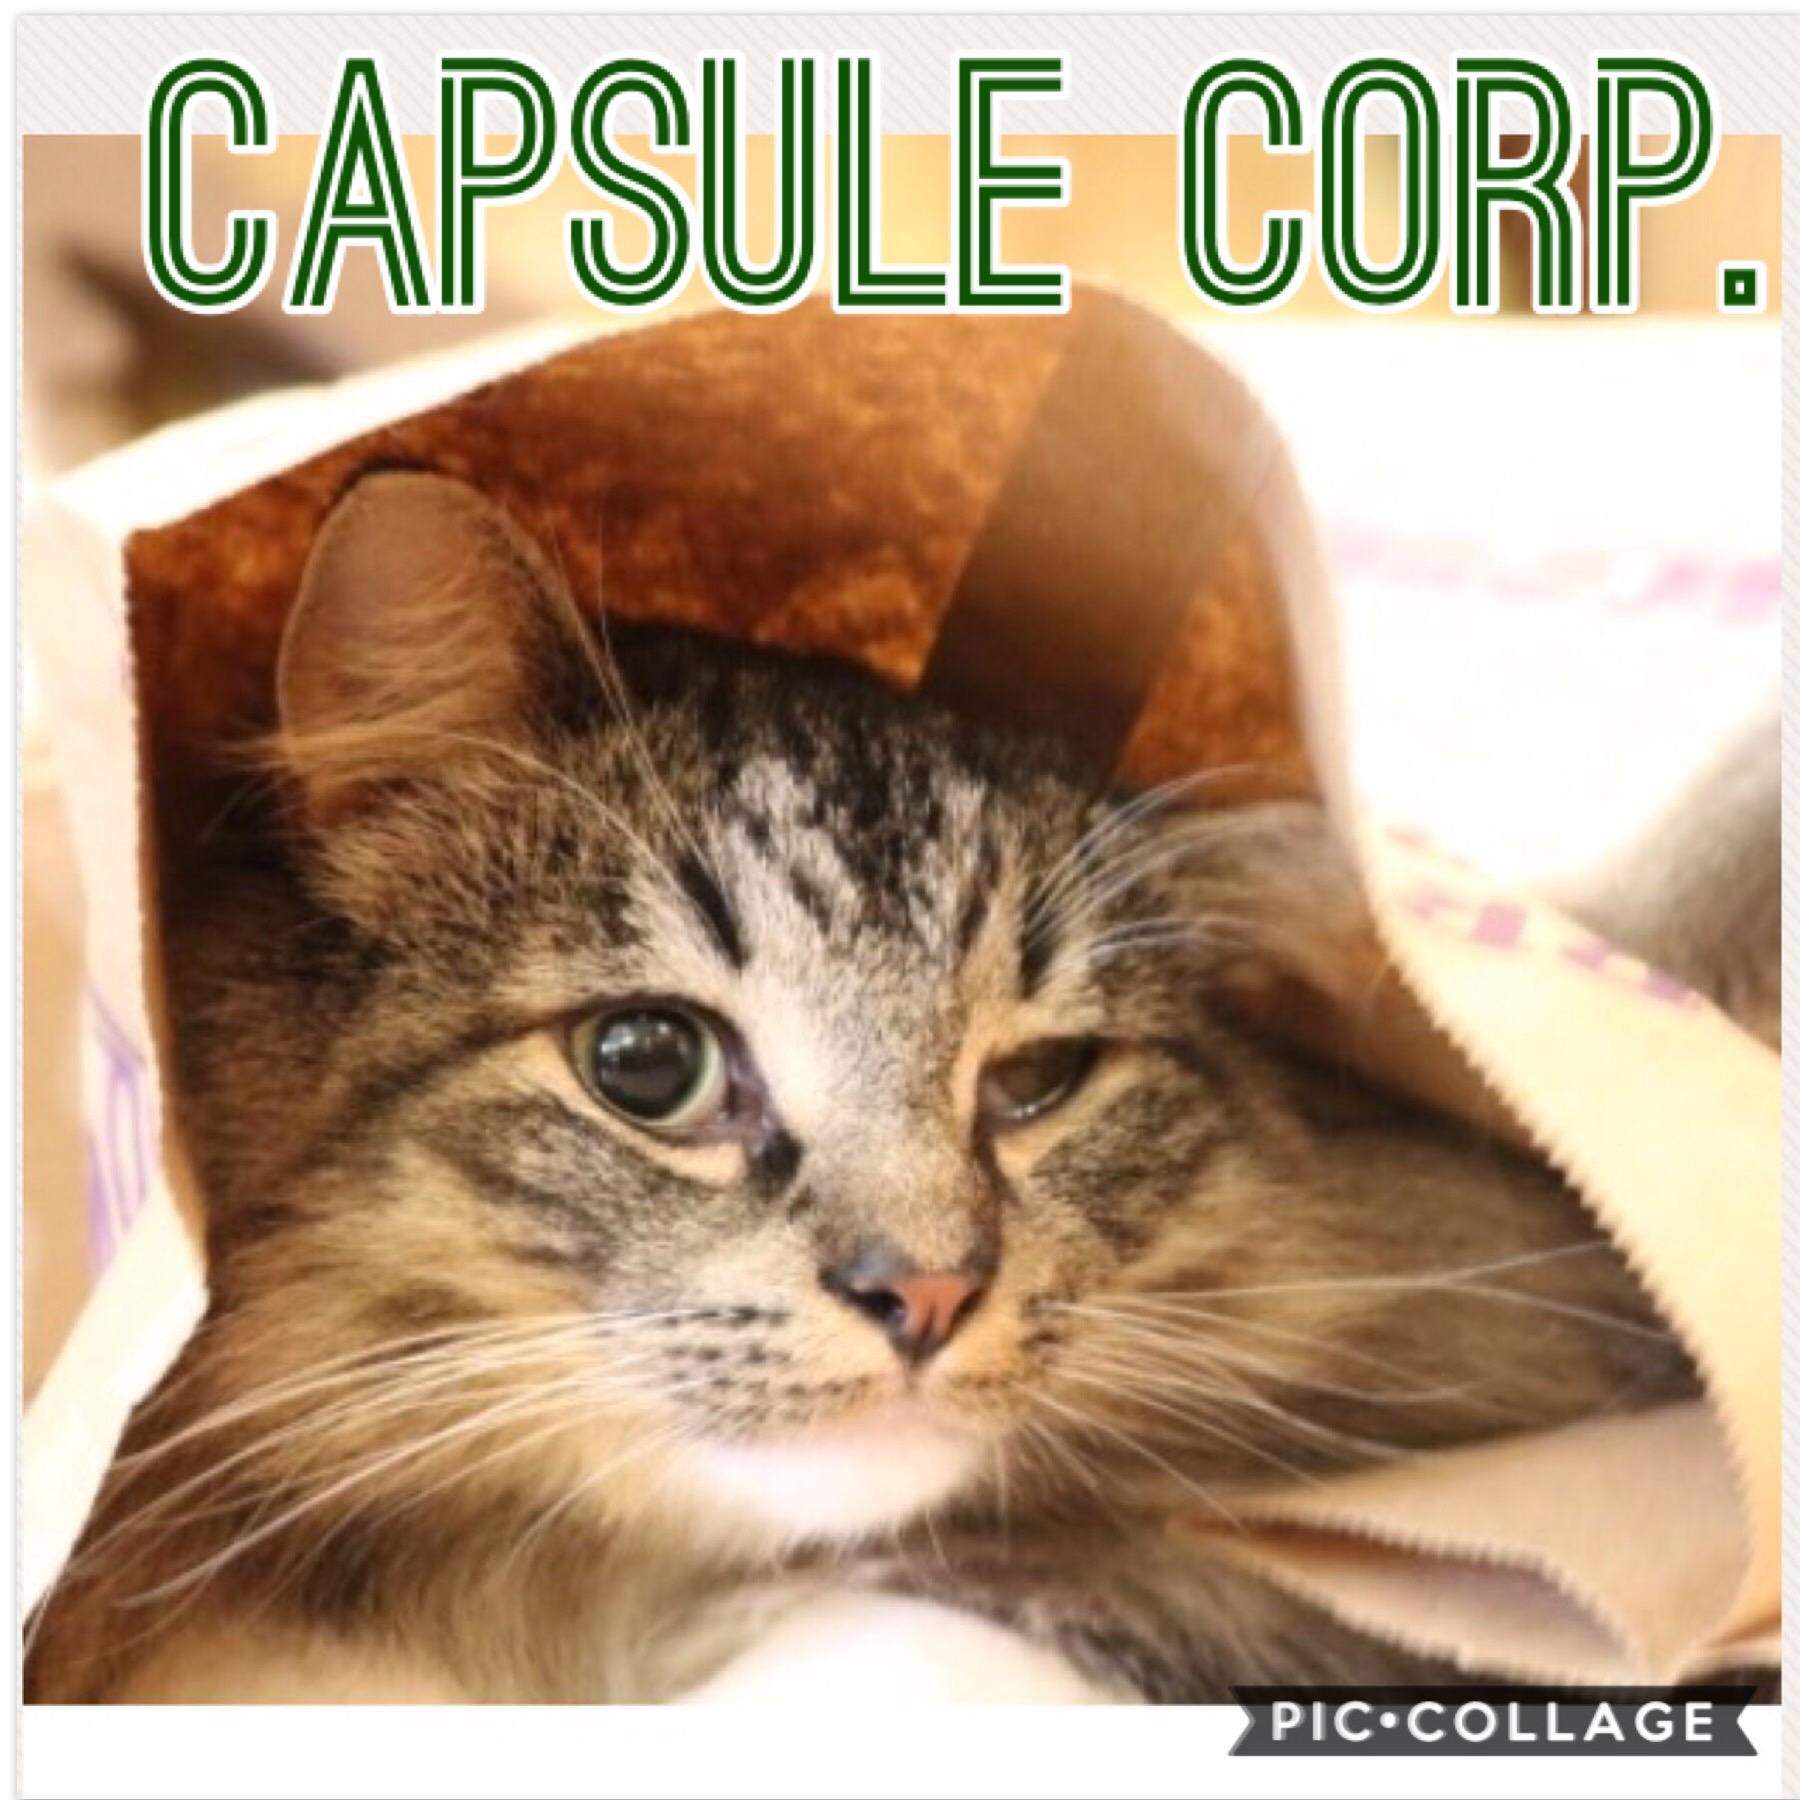 capsule01